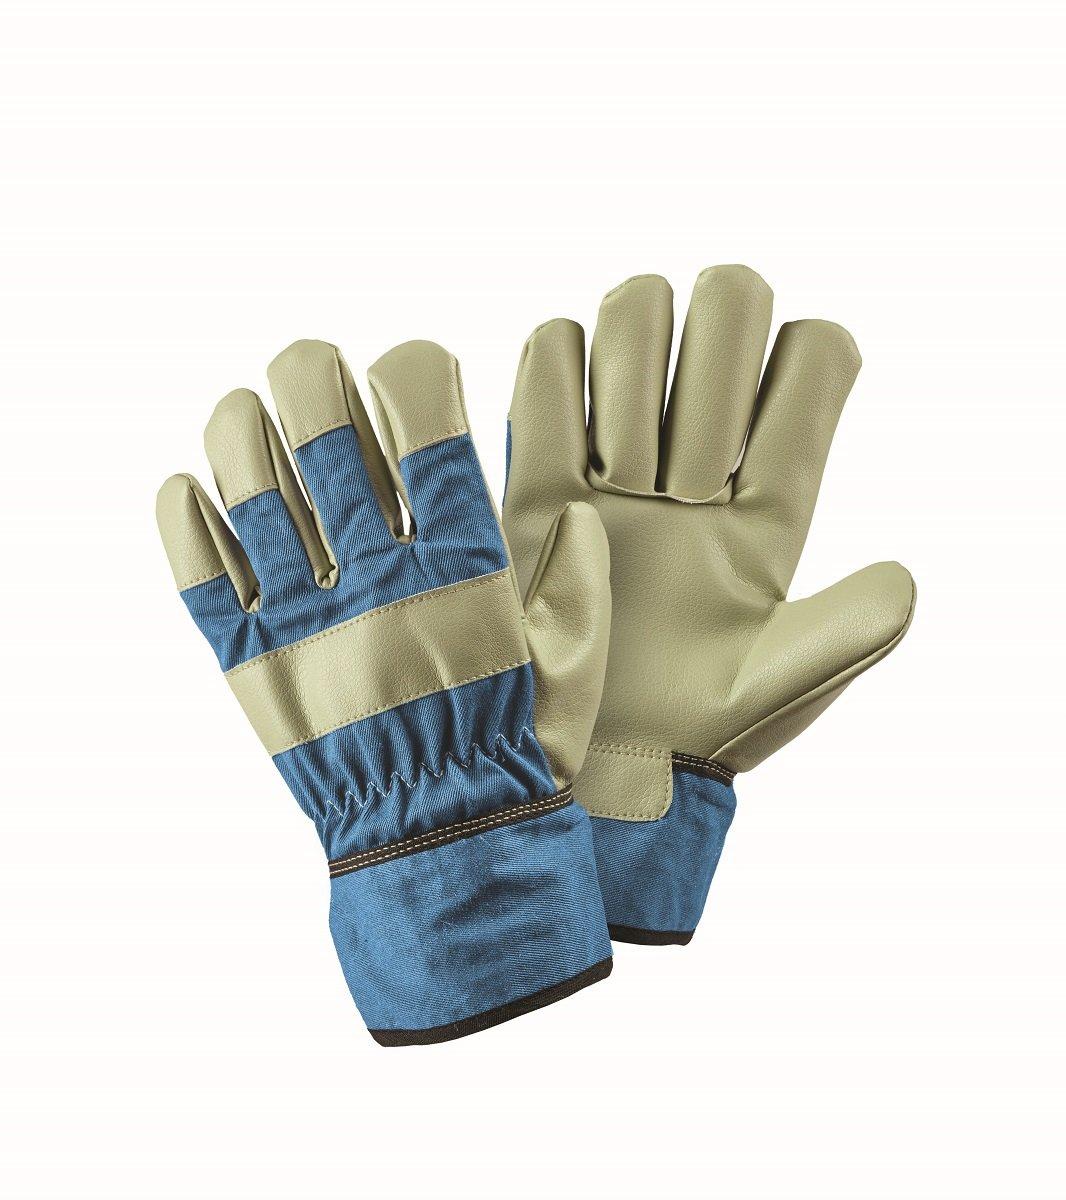 Briers Children's Blue Rigger Garden Gloves